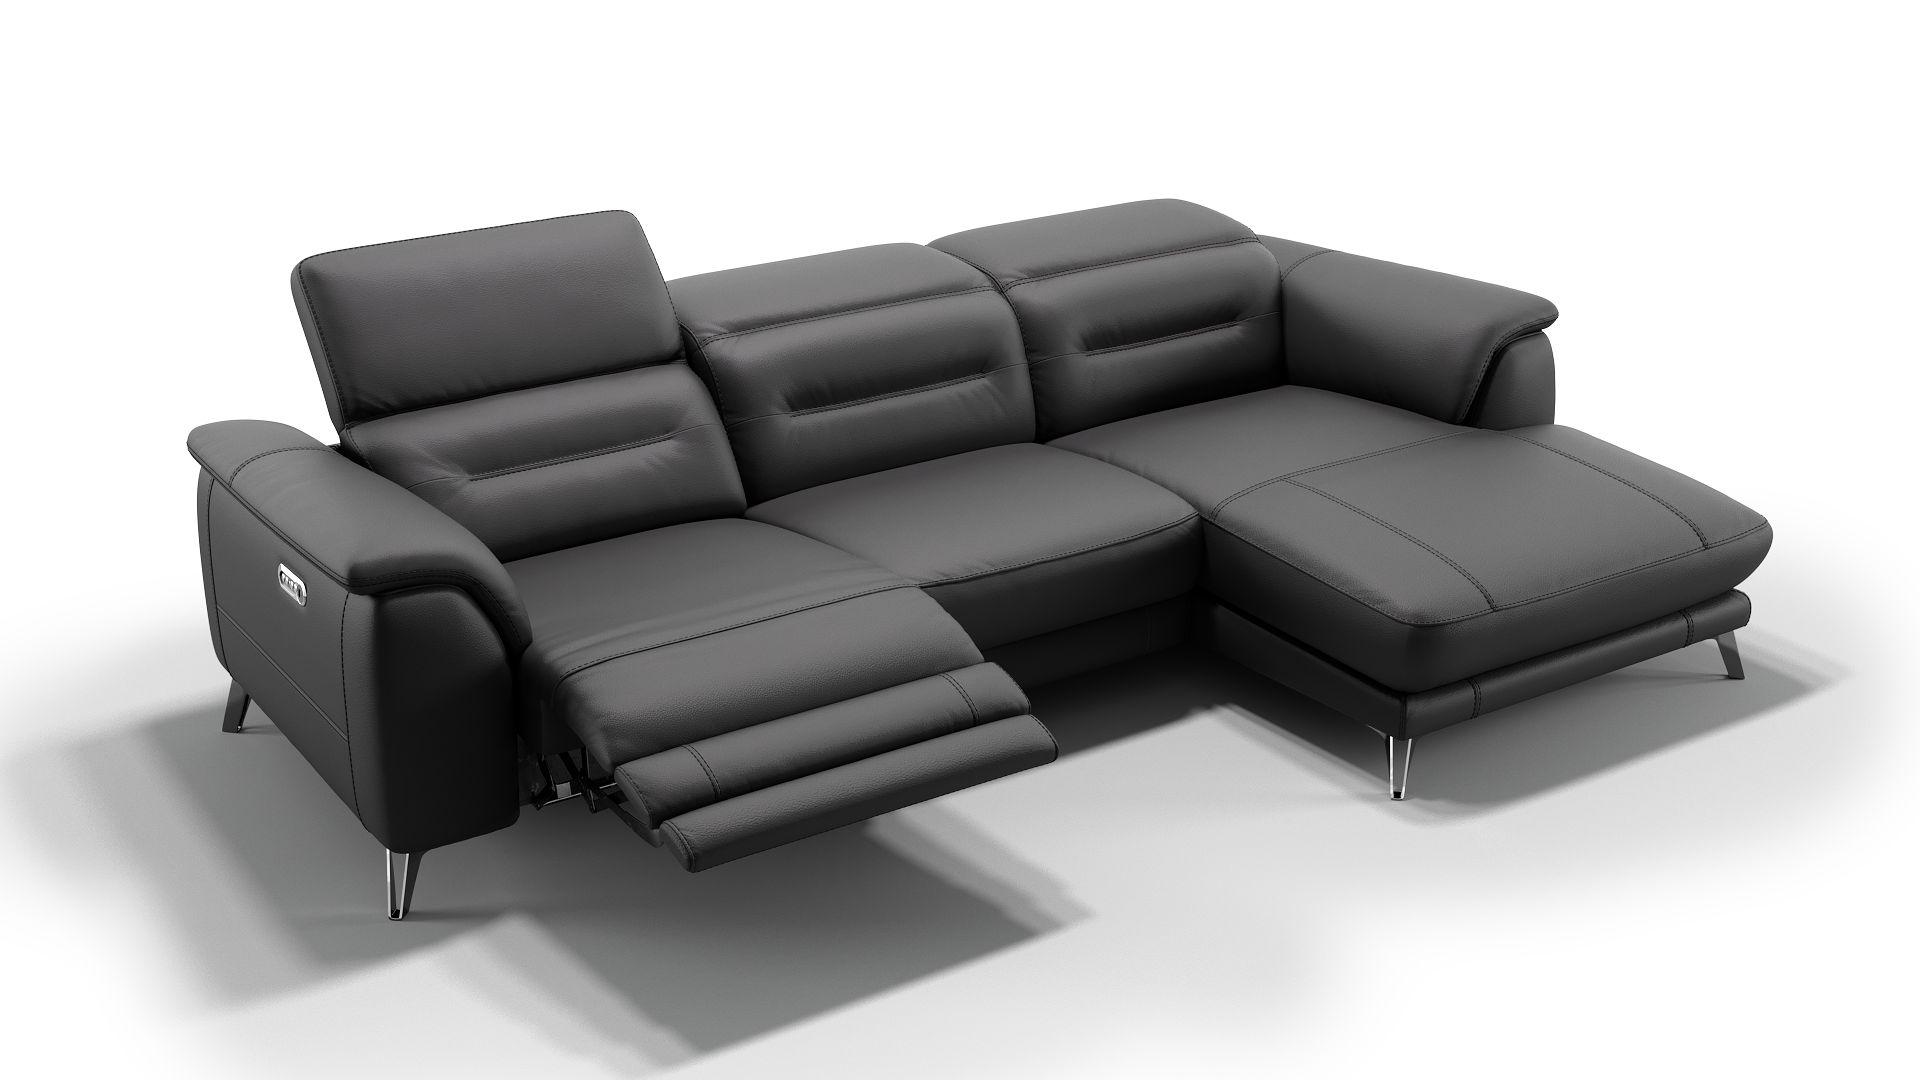 Full Size of Sofa Mit Relaxfunktion Elektrisch Leder 2 Sitzer Zweisitzer Elektrischer Couch Verstellbar Test 3er Sitztiefenverstellung 3 Polstergarnitur Gandino Sofanella Sofa Sofa Mit Relaxfunktion Elektrisch